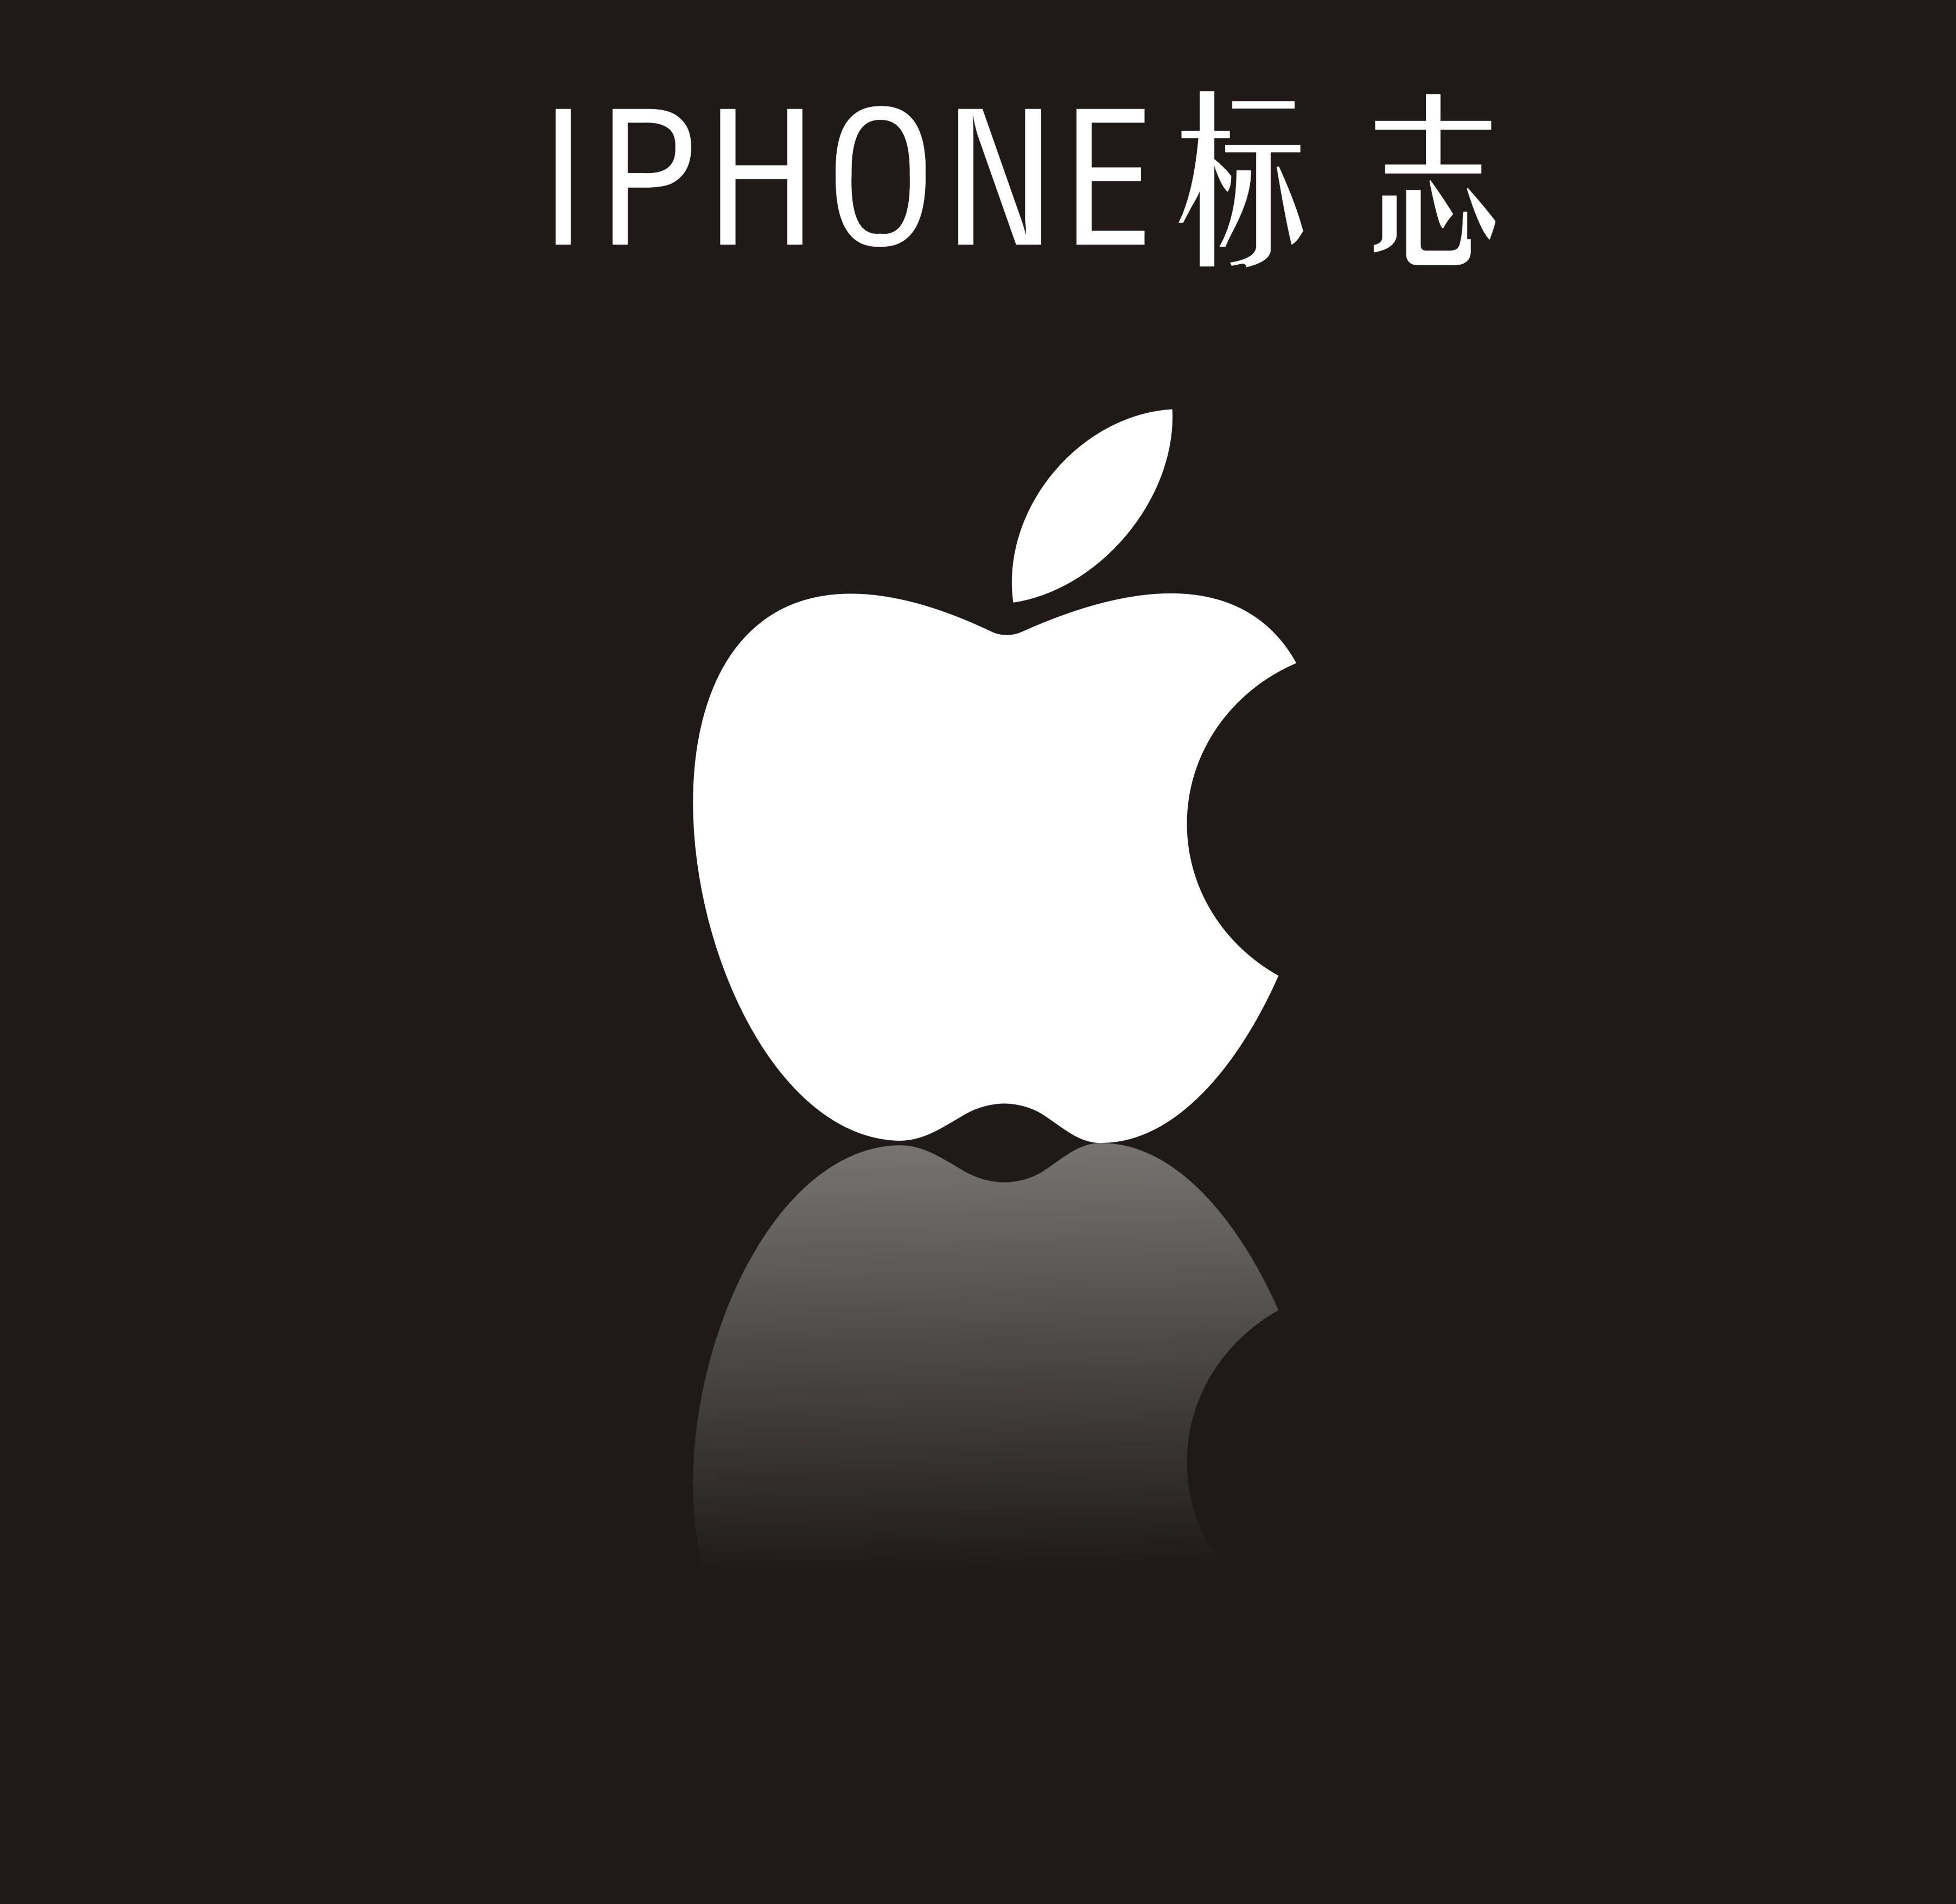 iphone logo尺寸图片分享;